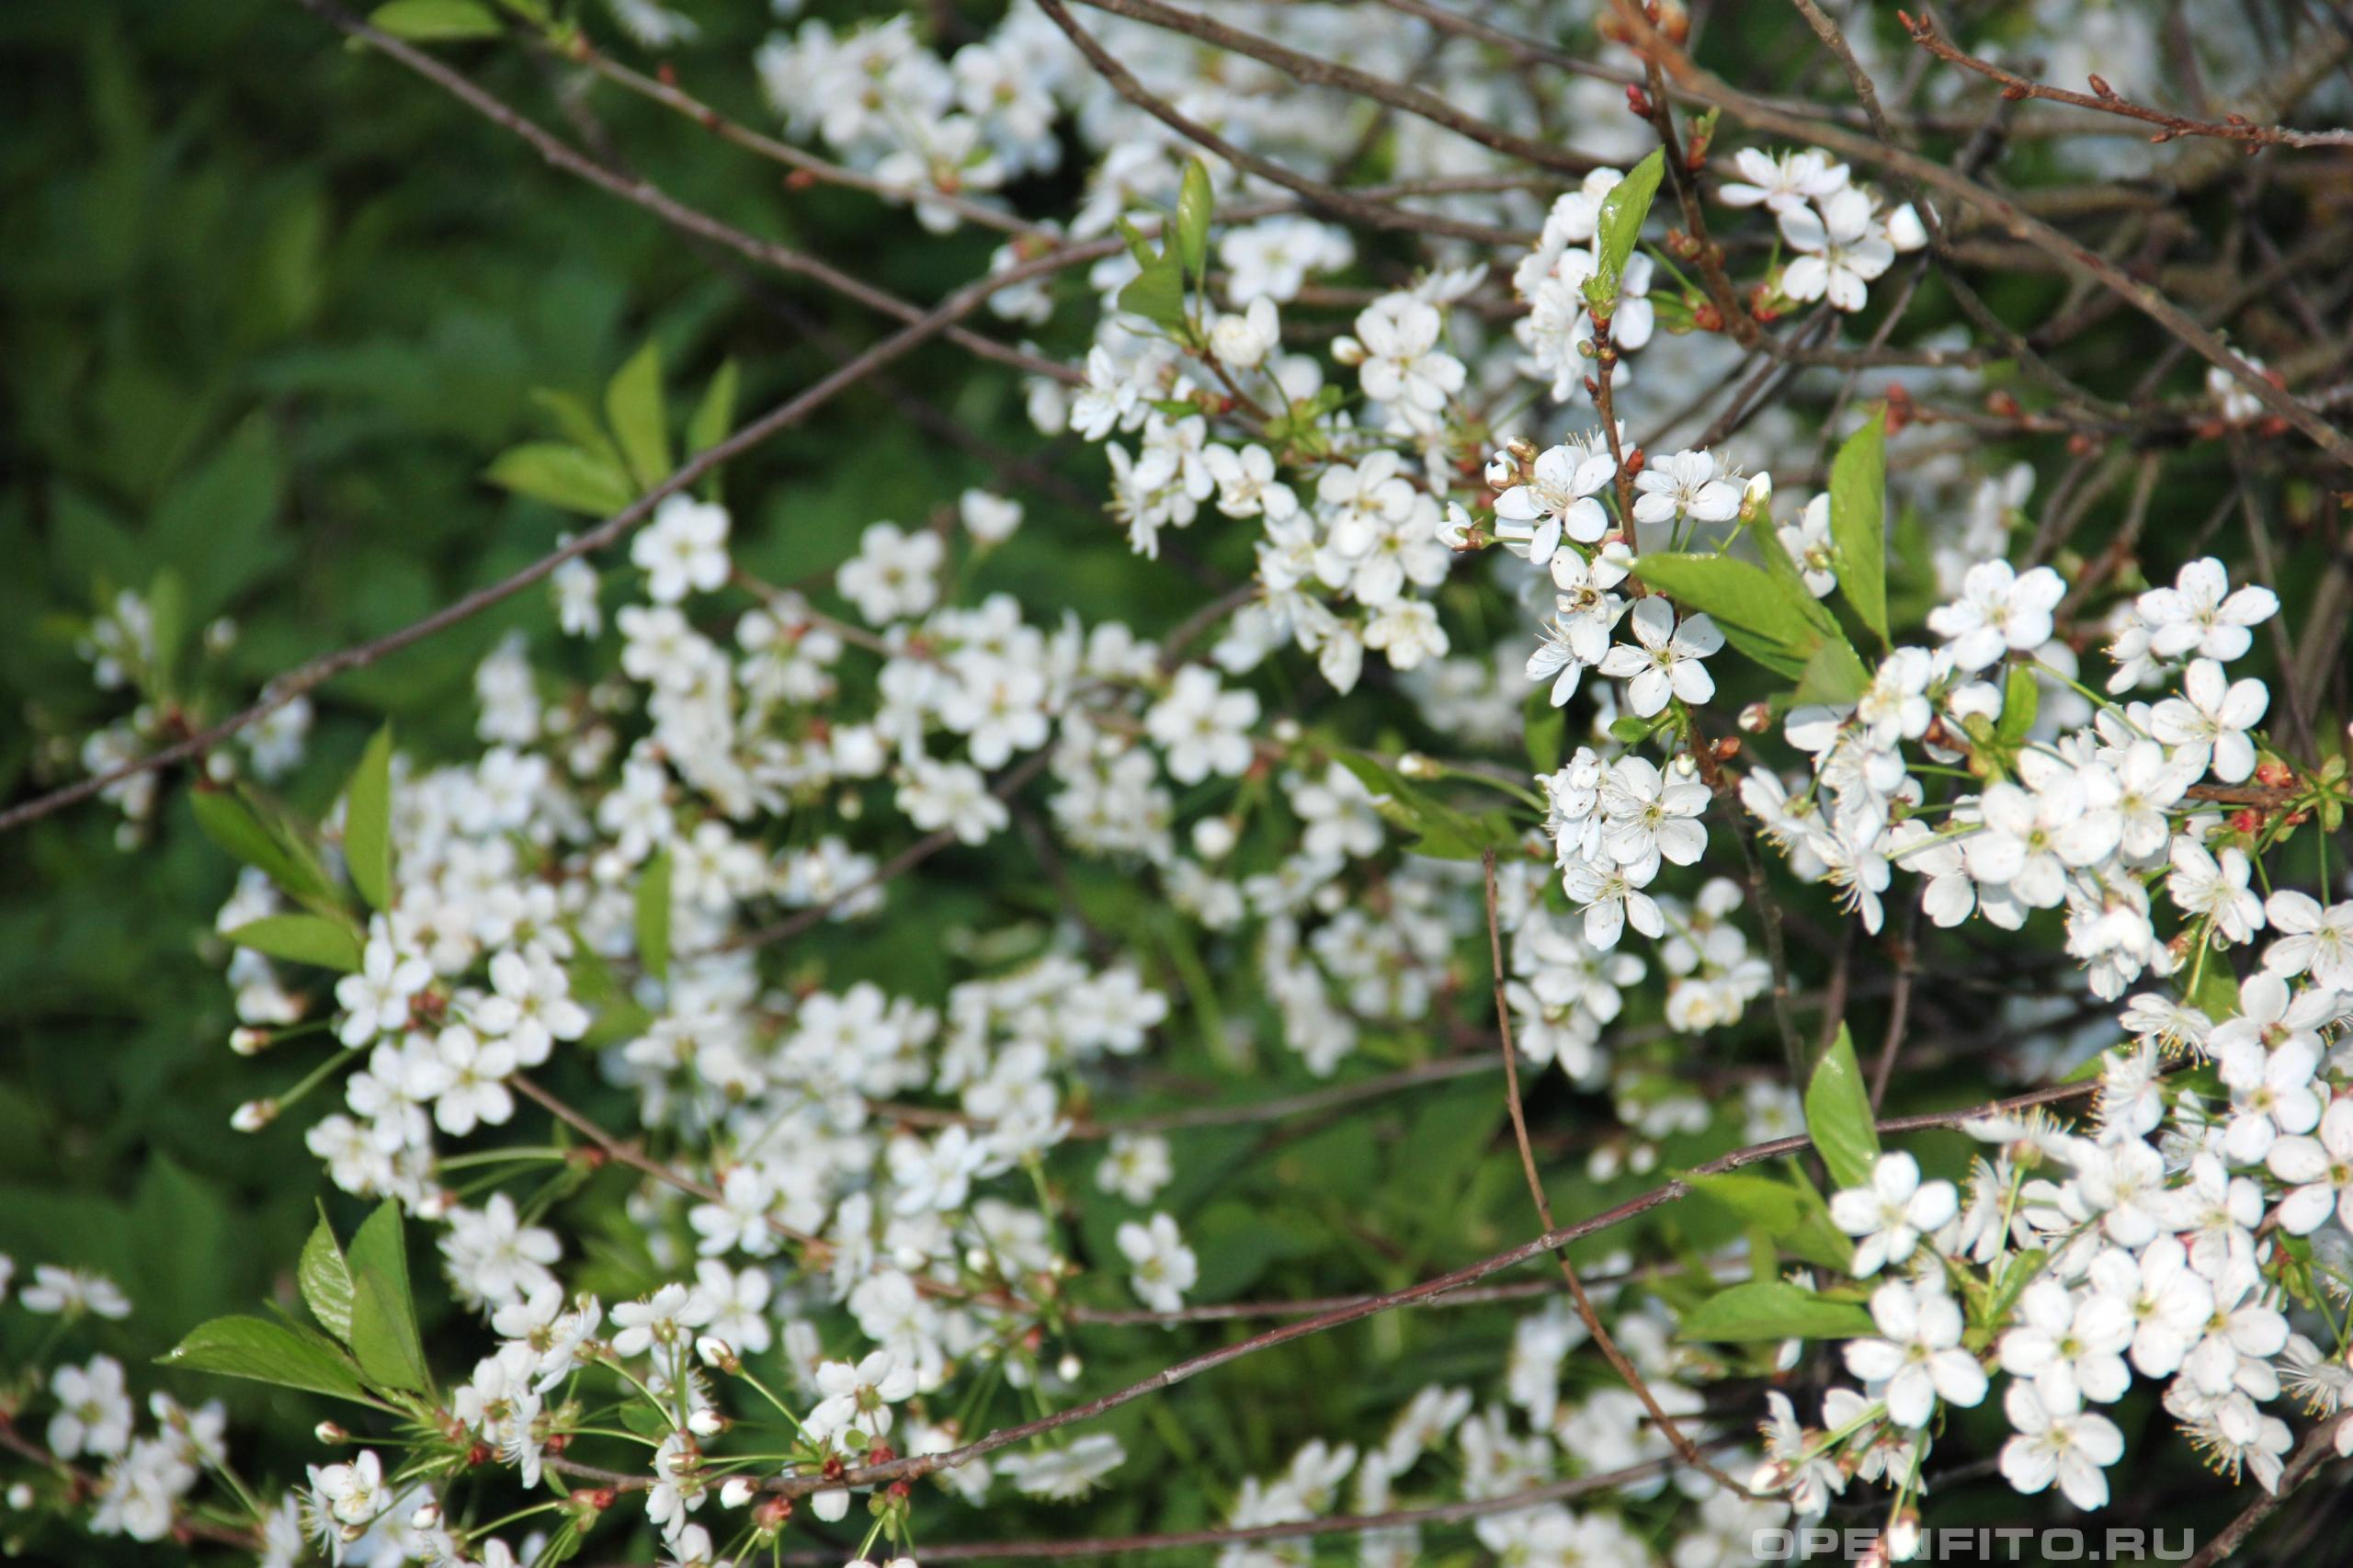 Вишня обыкновенная цветение вишни в мае